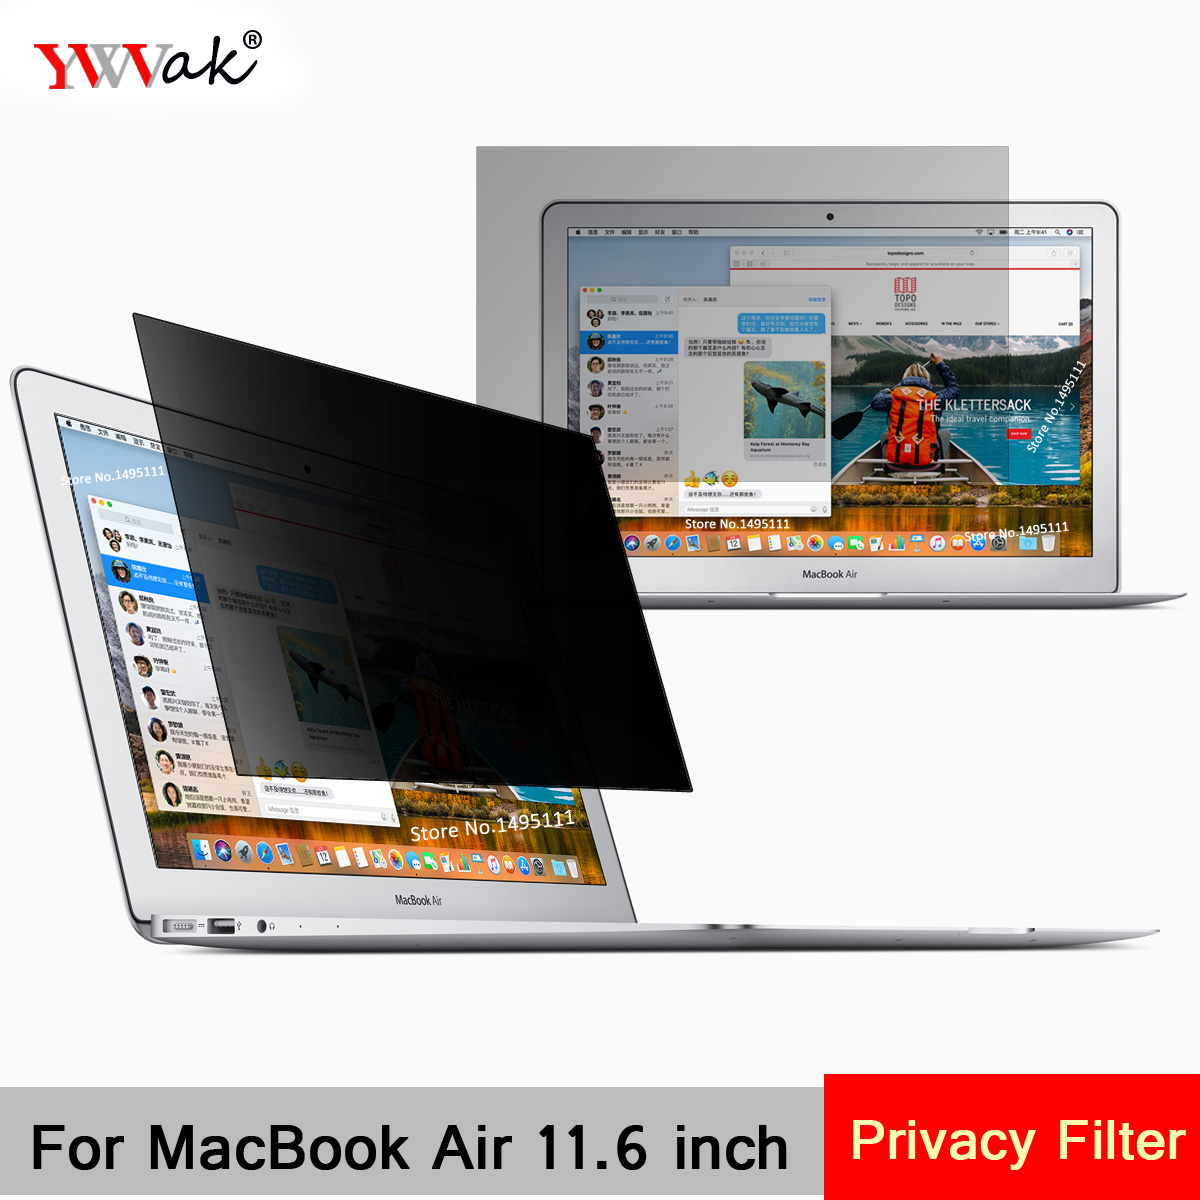 Für Apple Macbook Air 11,6 Zoll Privatsphäre Filter Laptop Notebook Anti-glare Screen Protector Schutz Film Reich Und PräChtig 256mm * 144mm